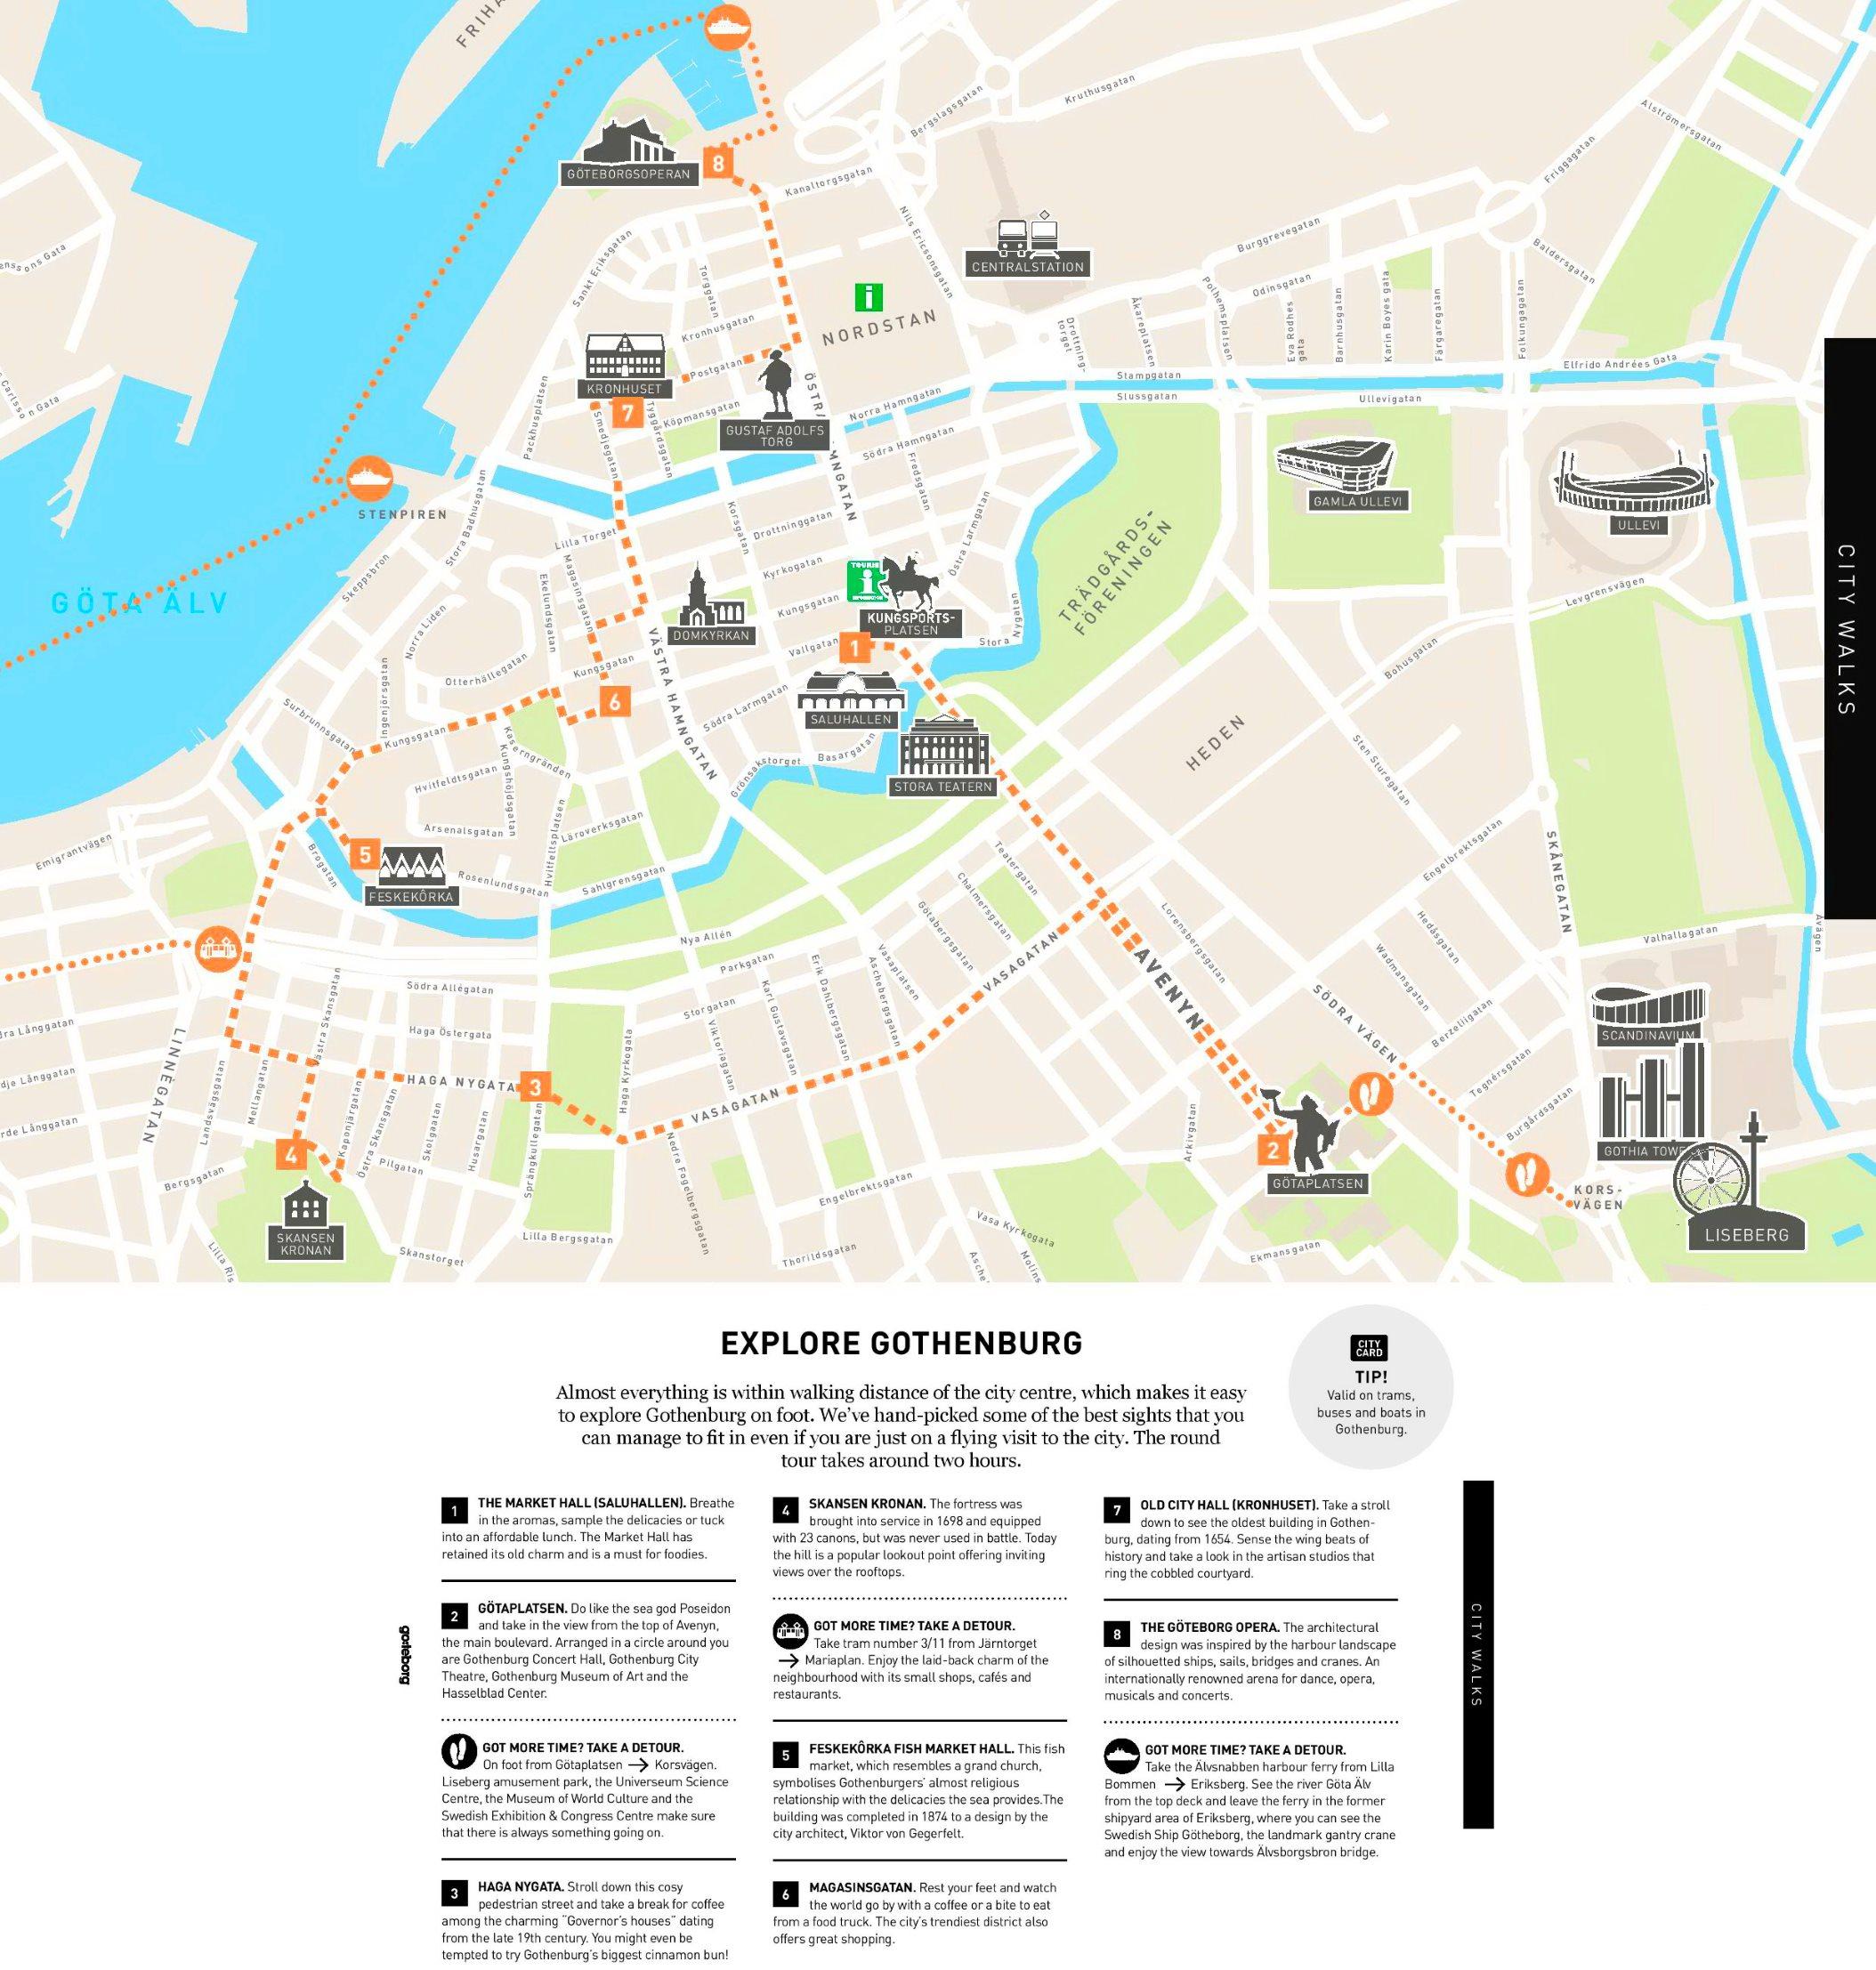 Gothenburg walk map on